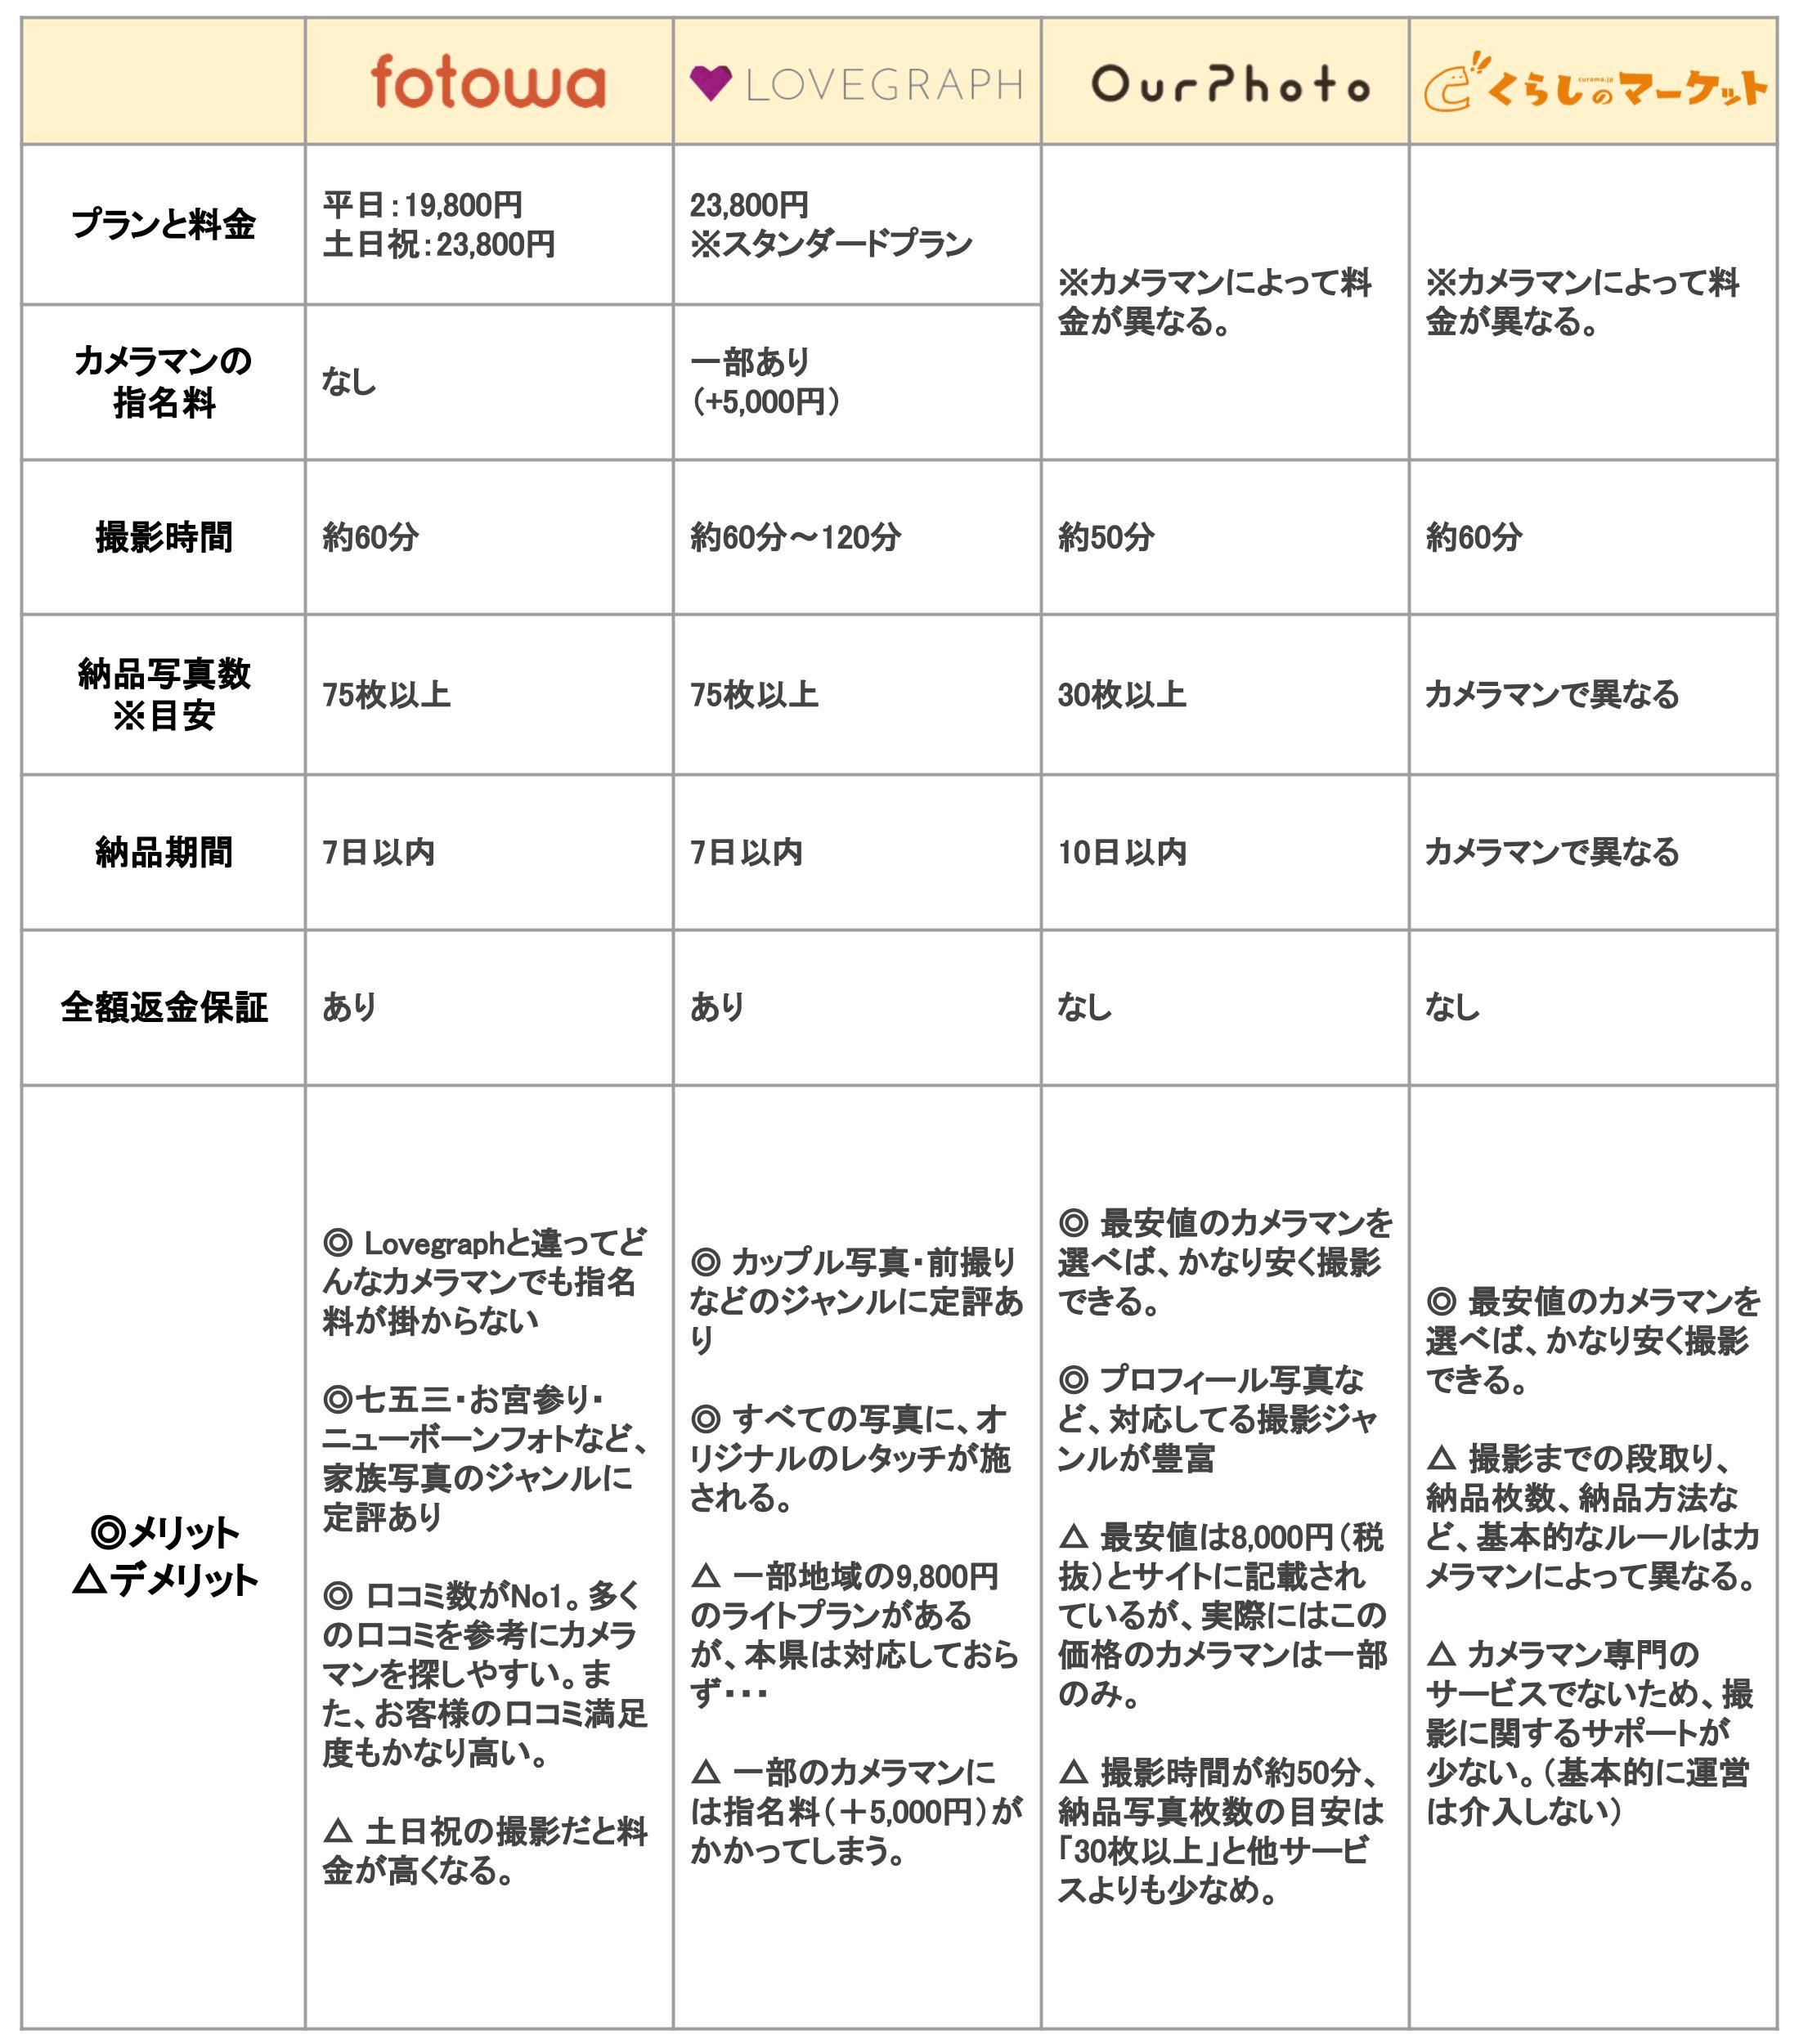 出張カメラマンの比較表(くらま有り)